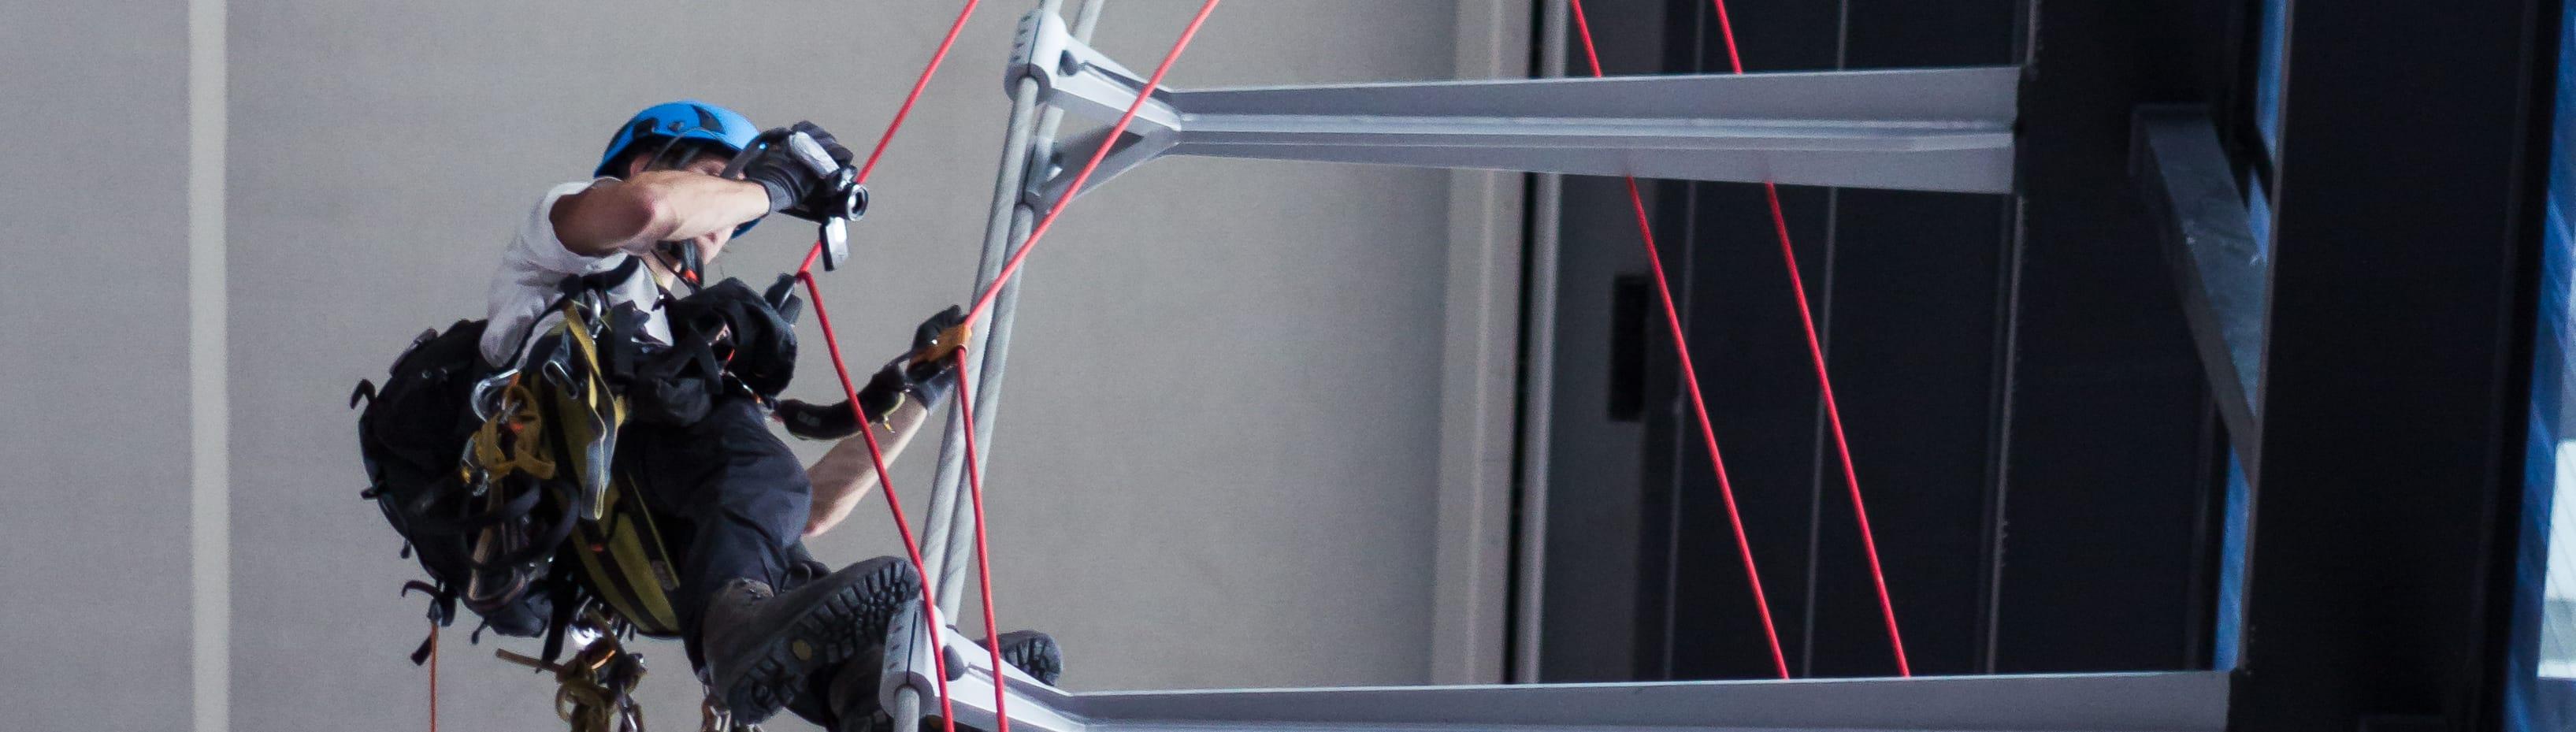 Videogestützte Untersuchung von Seilbindern